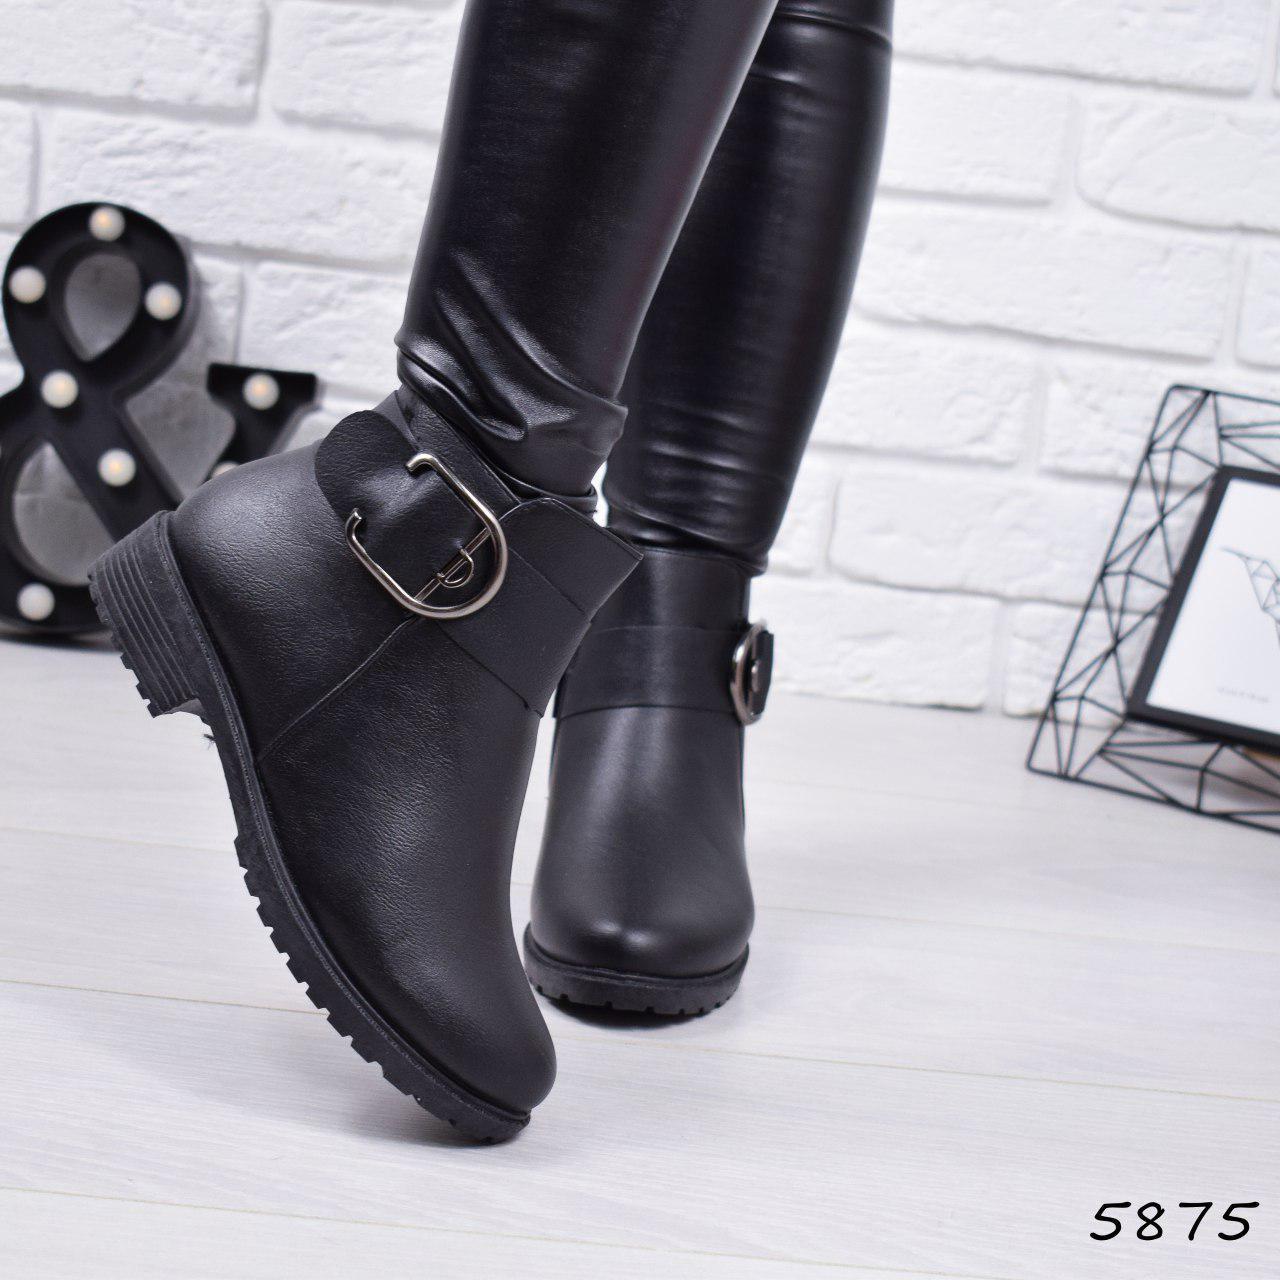 """Ботинки, ботильоны черные ЗИМА """"Gina"""" эко кожа, повседневная, зимняя, теплая, женская обувь"""